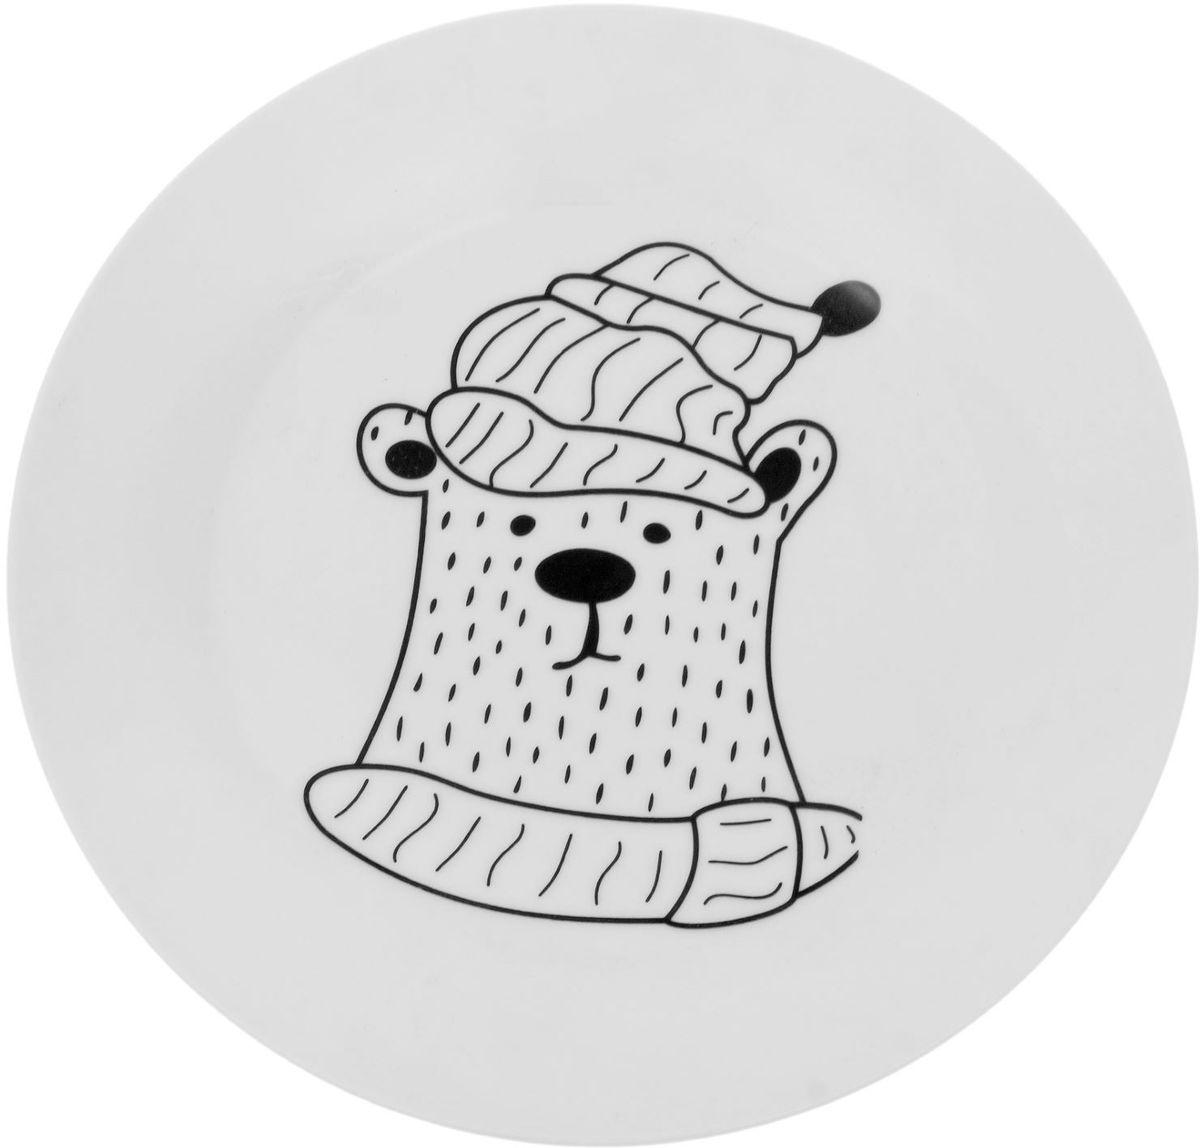 Тарелка Сотвори чудо Полярный мишка, диаметр 22,5 см1828184Хотите обновить интерьер кухни или гостиной? Устраиваете необычную фотосессию или тематический праздник? А может, просто ищете подарок для близкого человека? Посуда « Сотвори Чудо» — правильный выбор в любой ситуации. Её достоинства: изящный фаянс нежного сливочного цвета; стойкость краски; пригодность для посудомоечных машин.